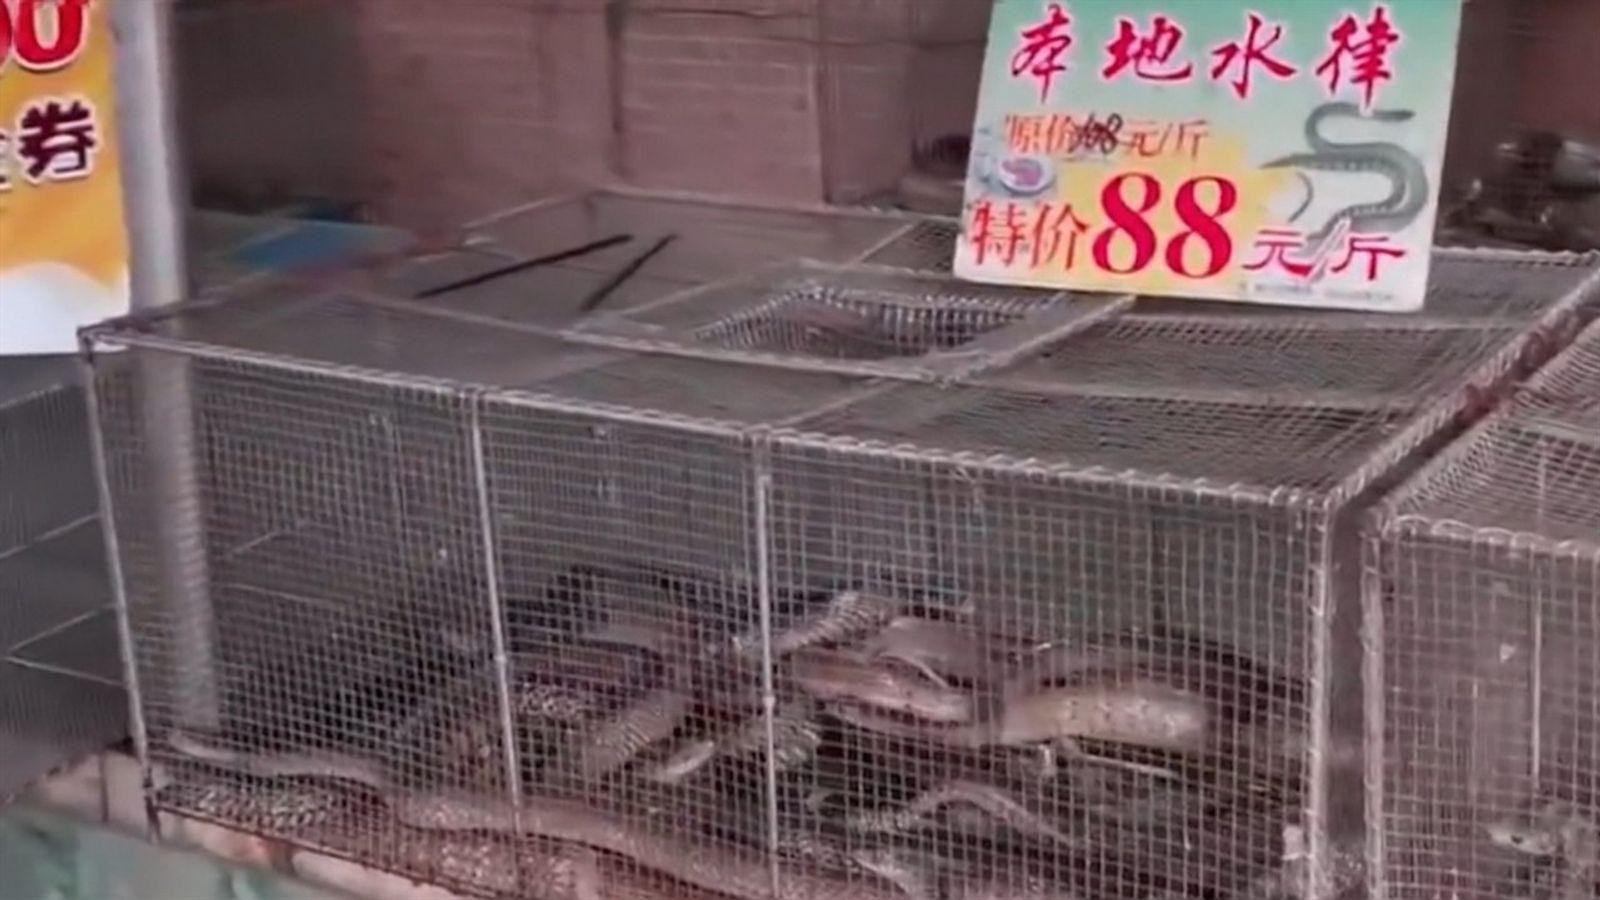 El Mercado Mayorista de Mariscos de Wuhan | Coronavirus: El Origen